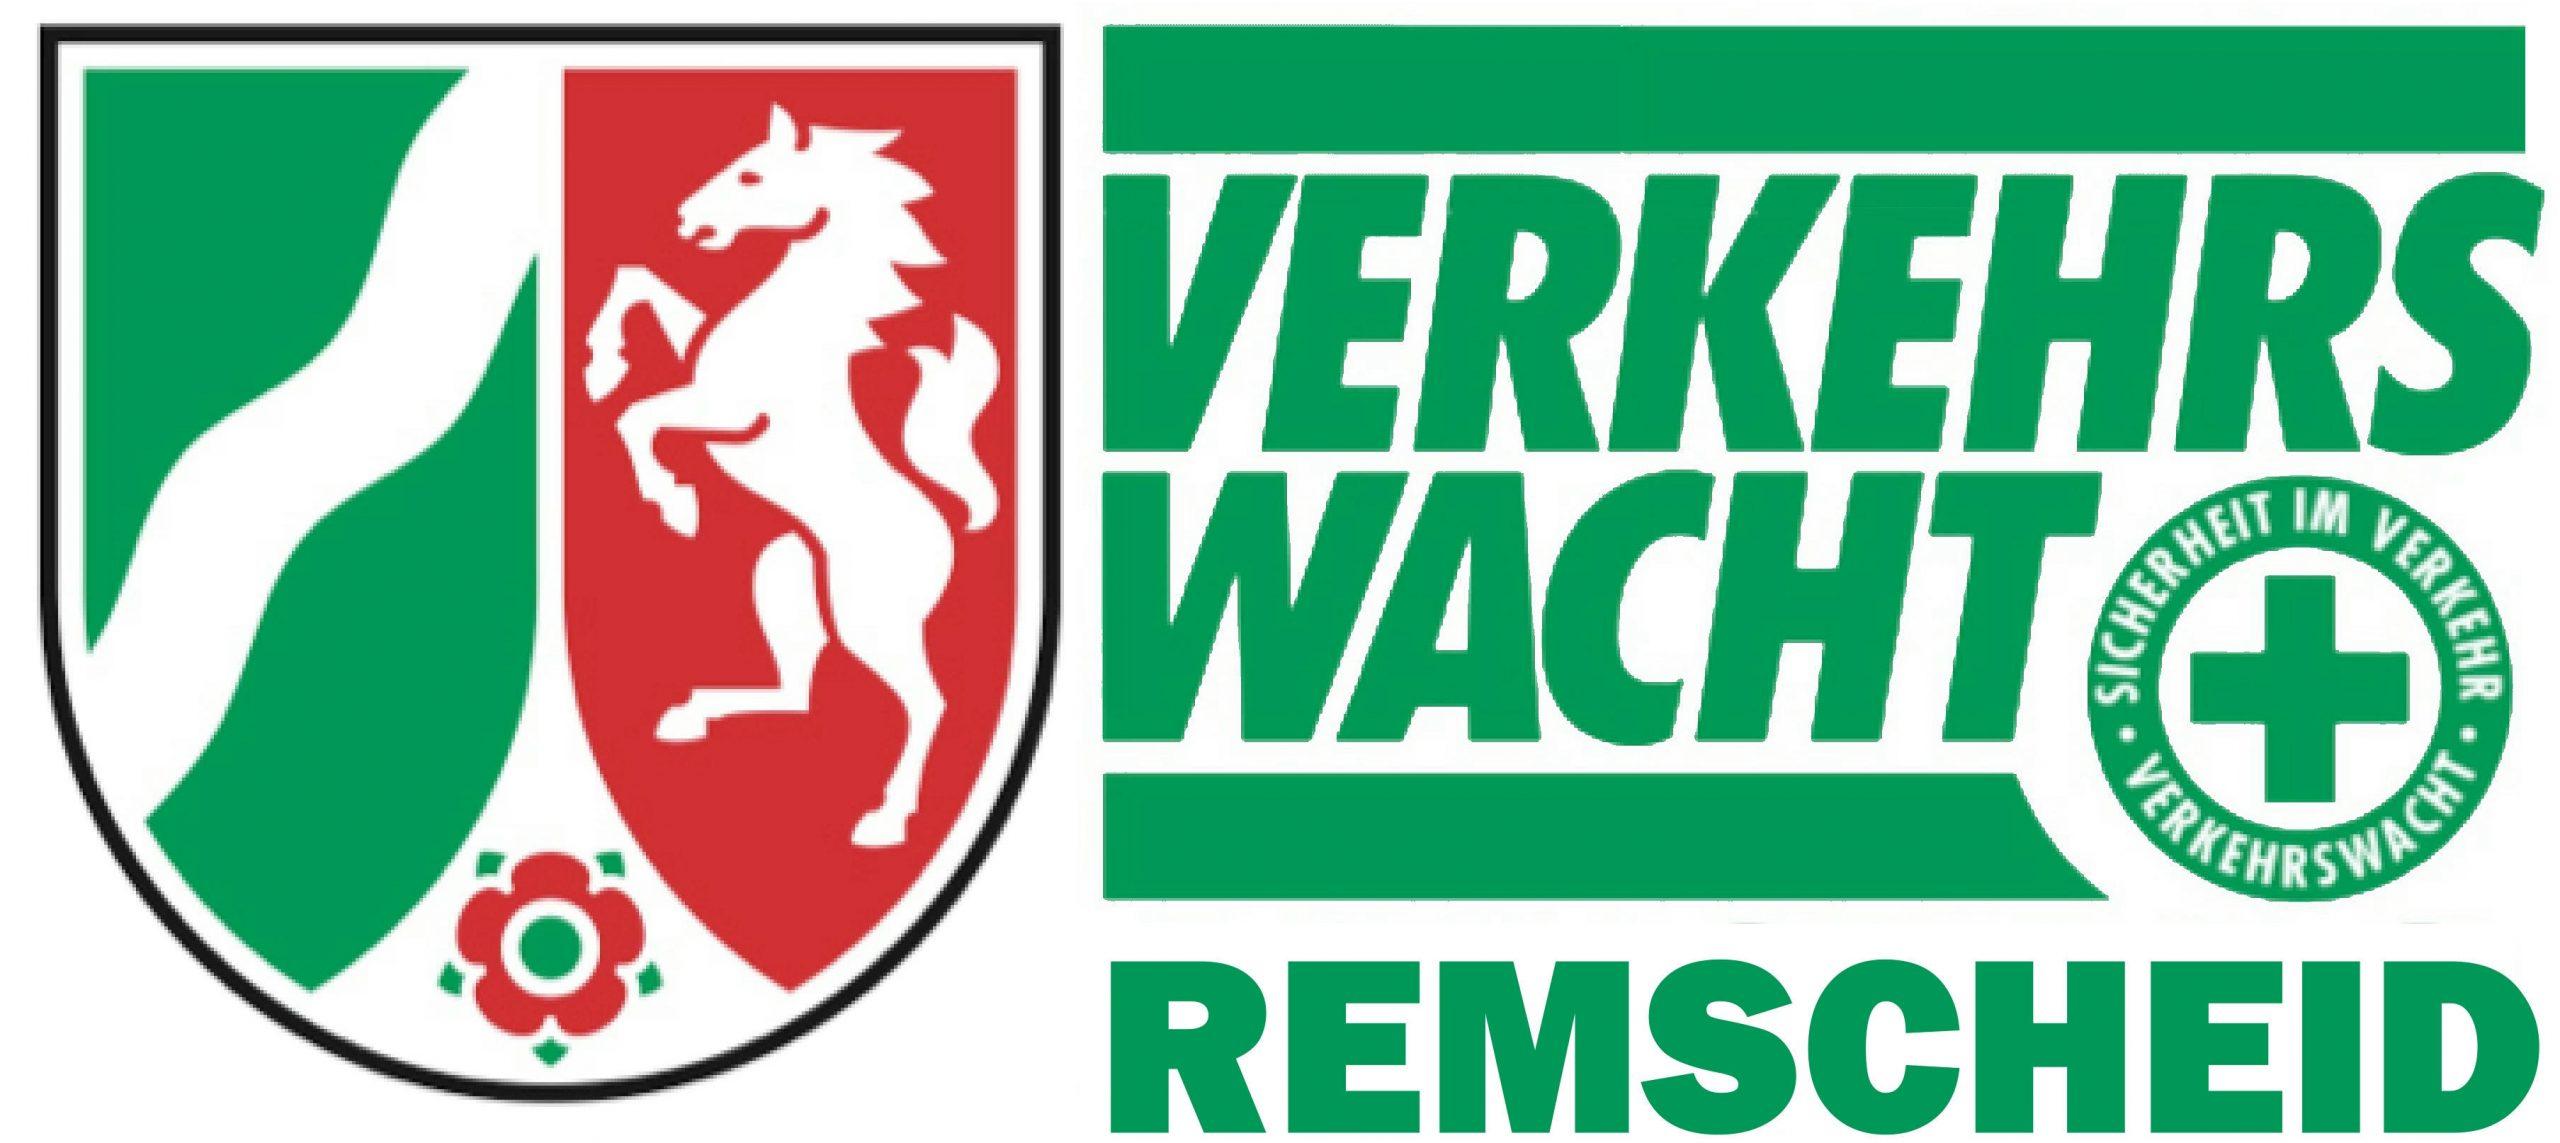 Verkehrswacht Remscheid e.V.